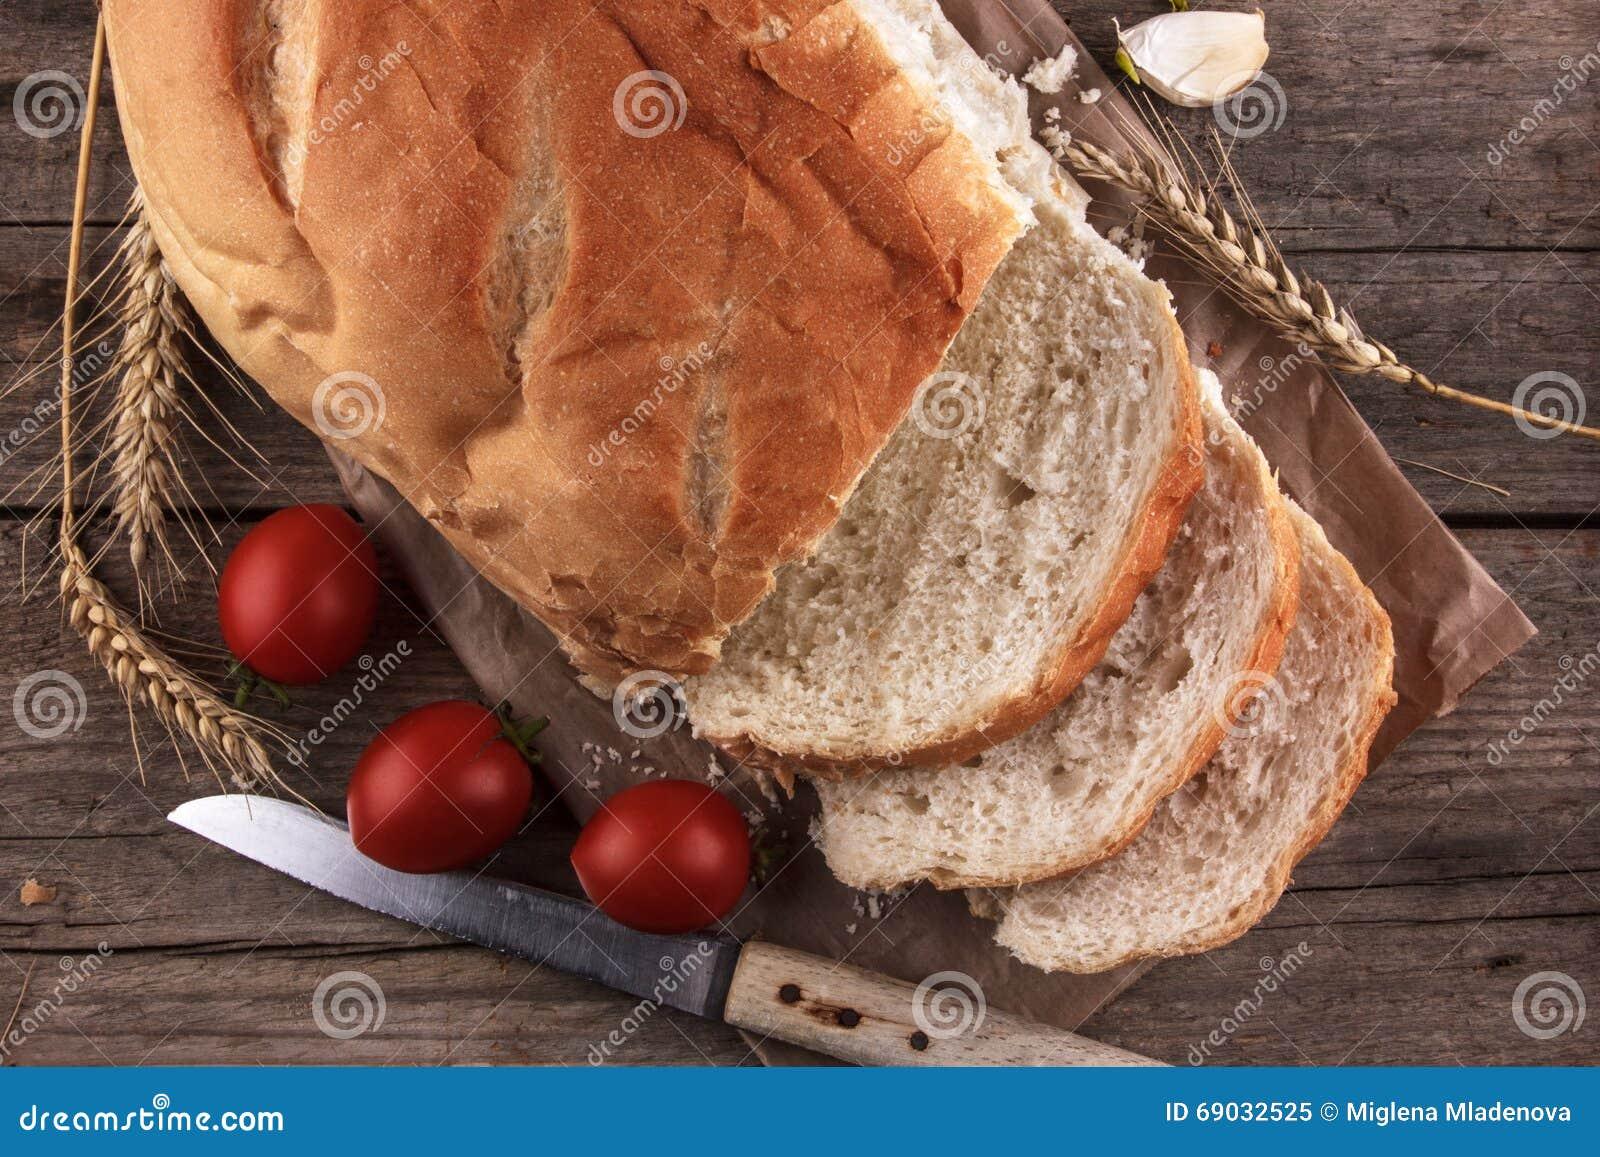 Bread on a wooden board